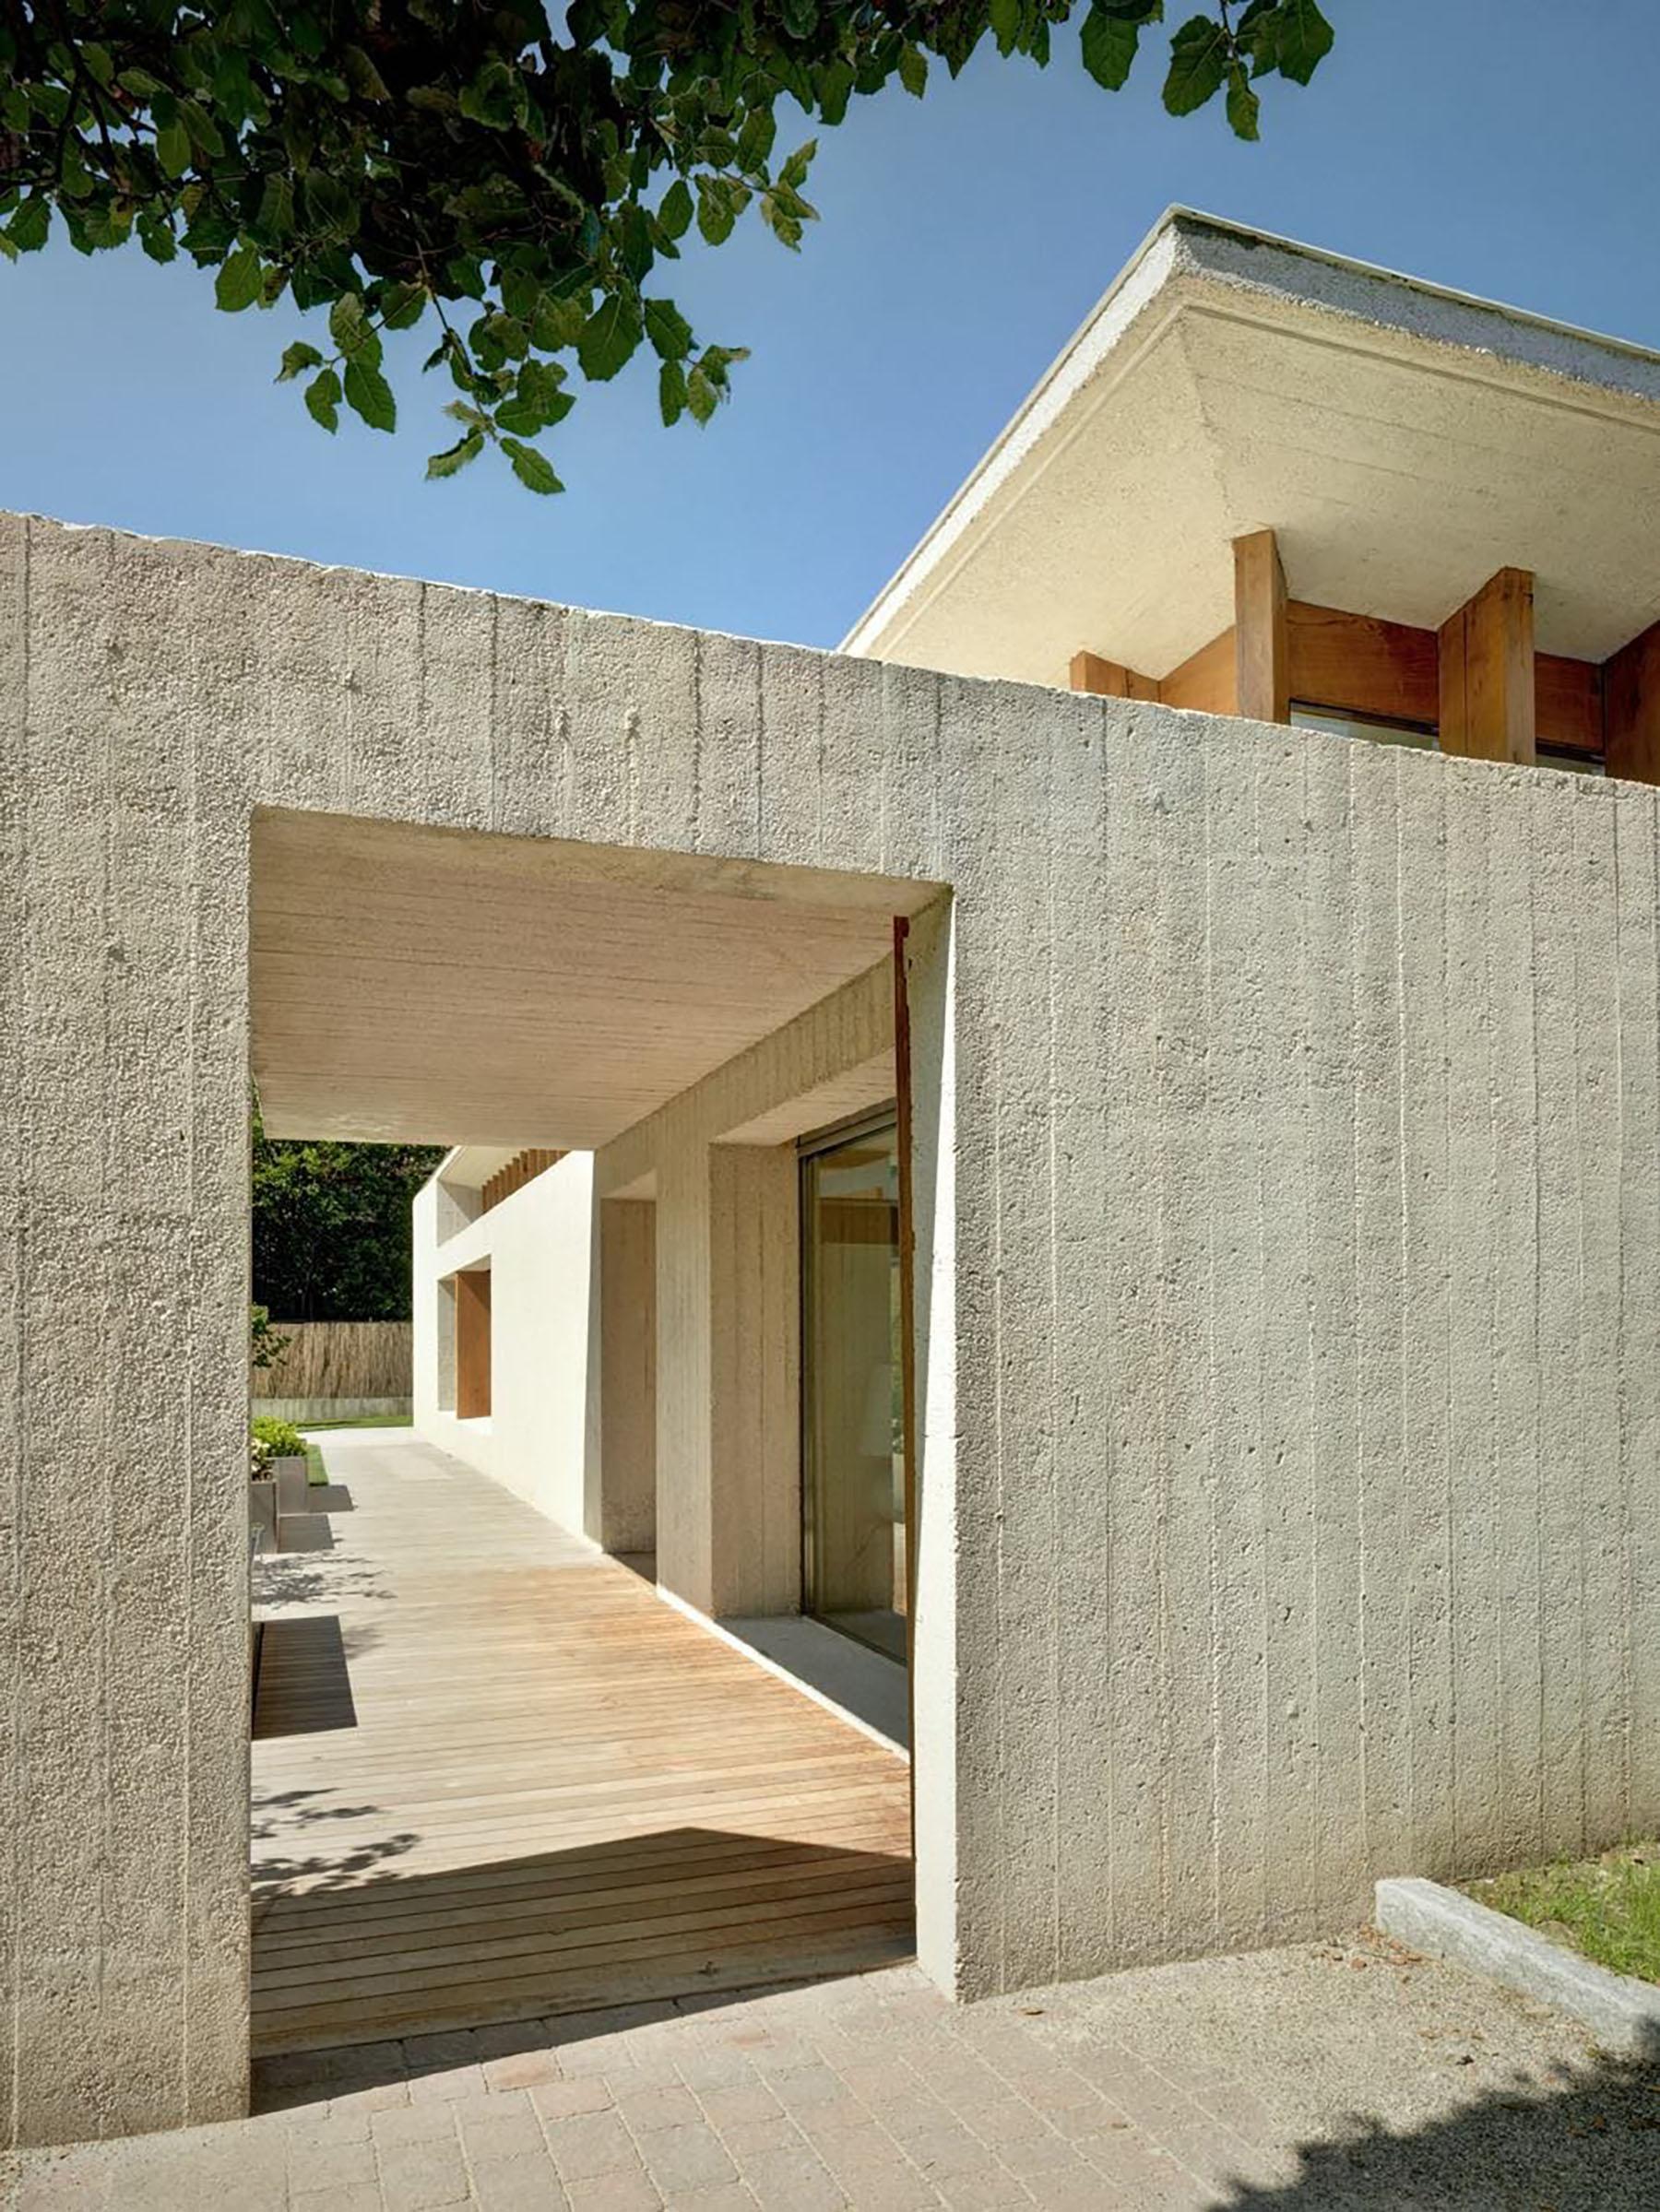 iGNANT-Architecture-Marco-Ortalli-Casa-Crb-004